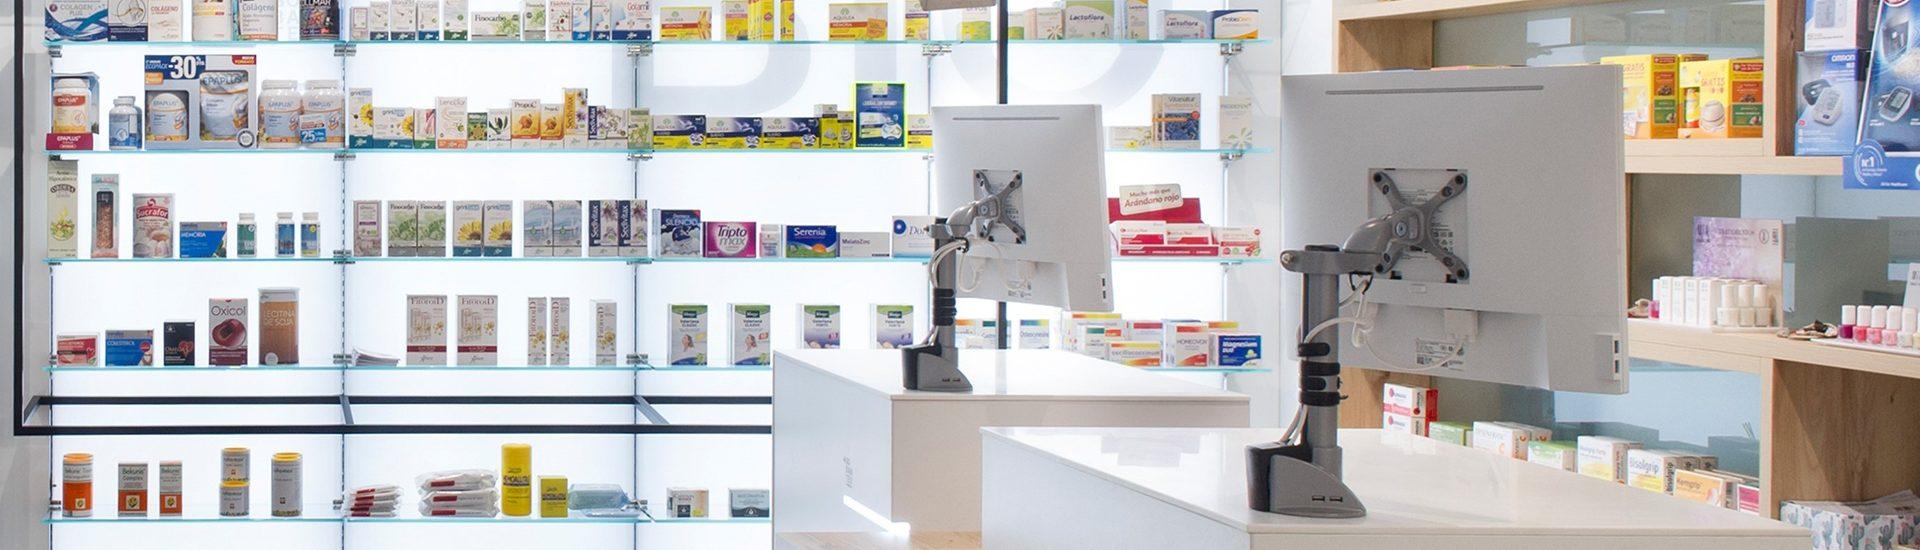 Farmacia Gobantes 19